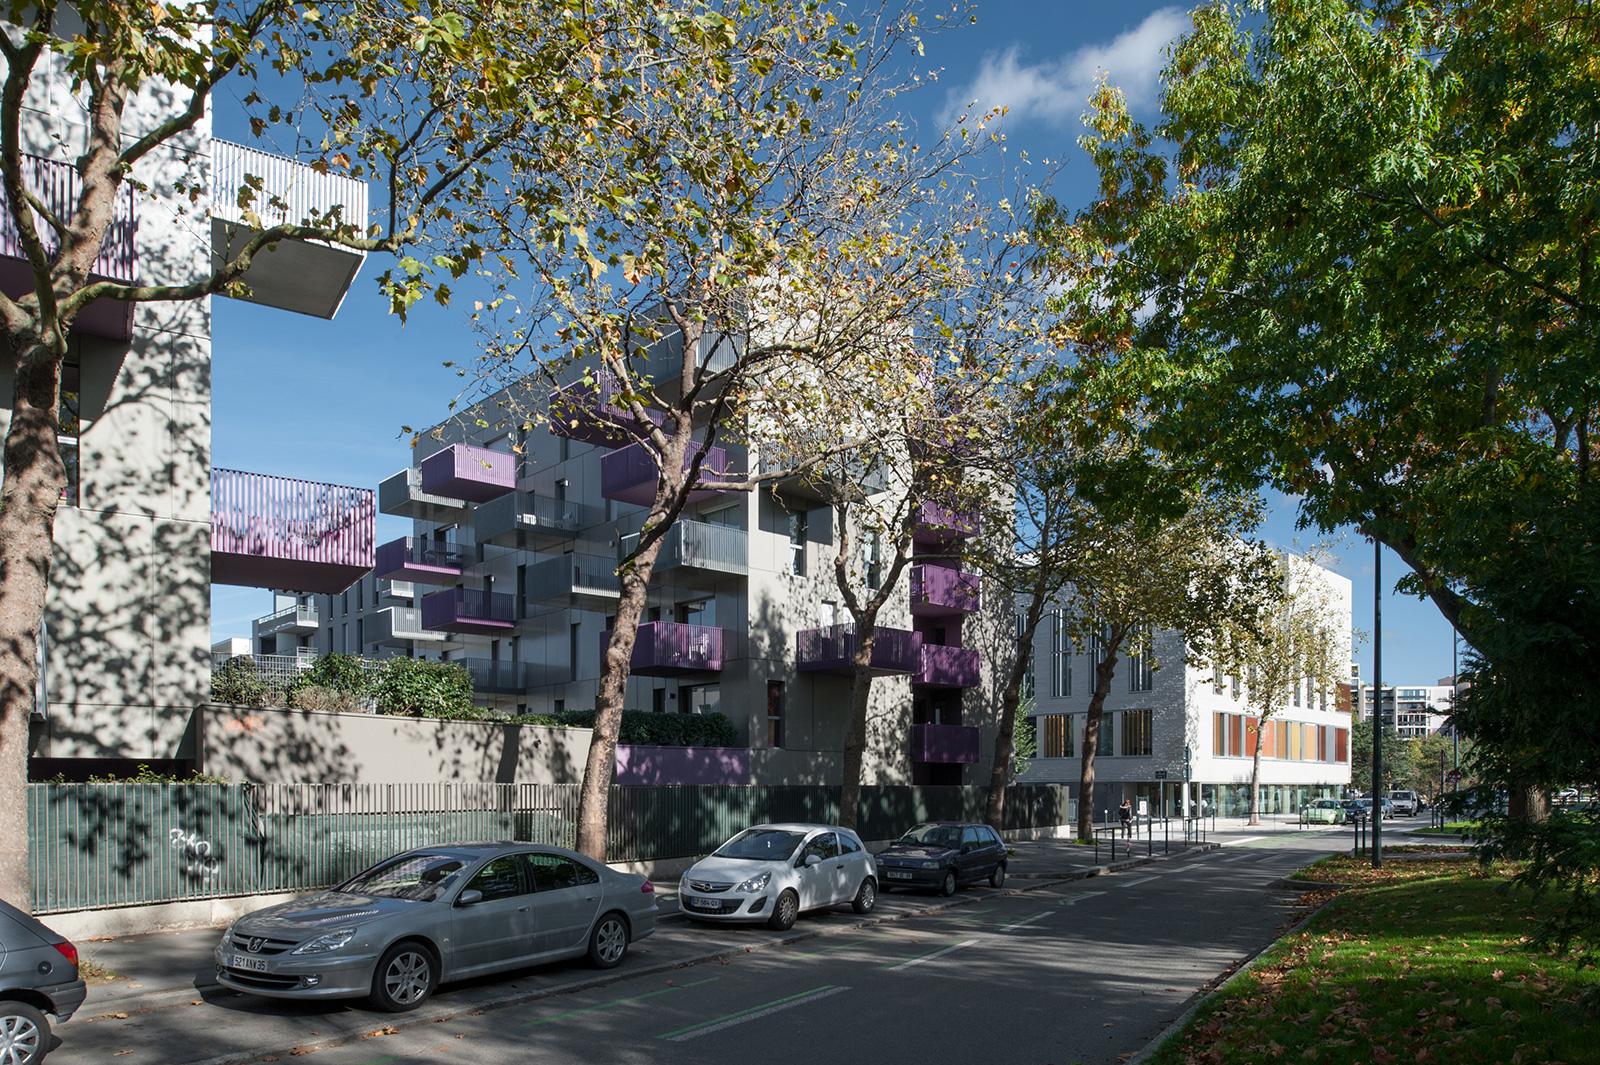 Les plots dans l'espace paysager du boulevard de l'Yser - architectes : Gilet (1er plan), Gaudin  (2ème plan)